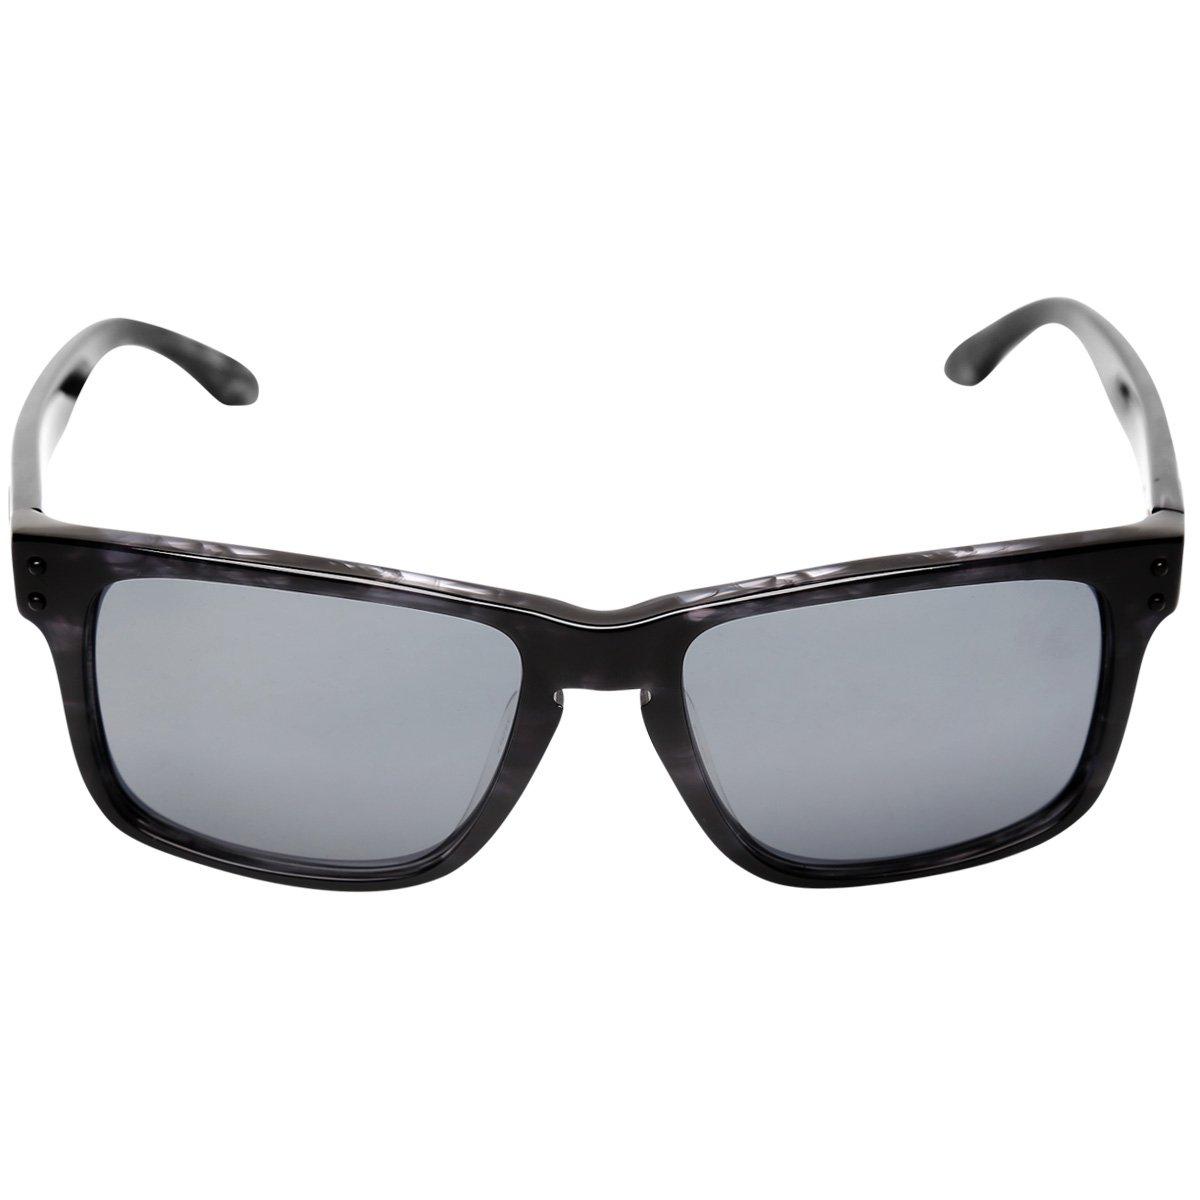 1028e2e77cd45 Óculos Oakley Holbrook LX - Iridium - Compre Agora   Netshoes